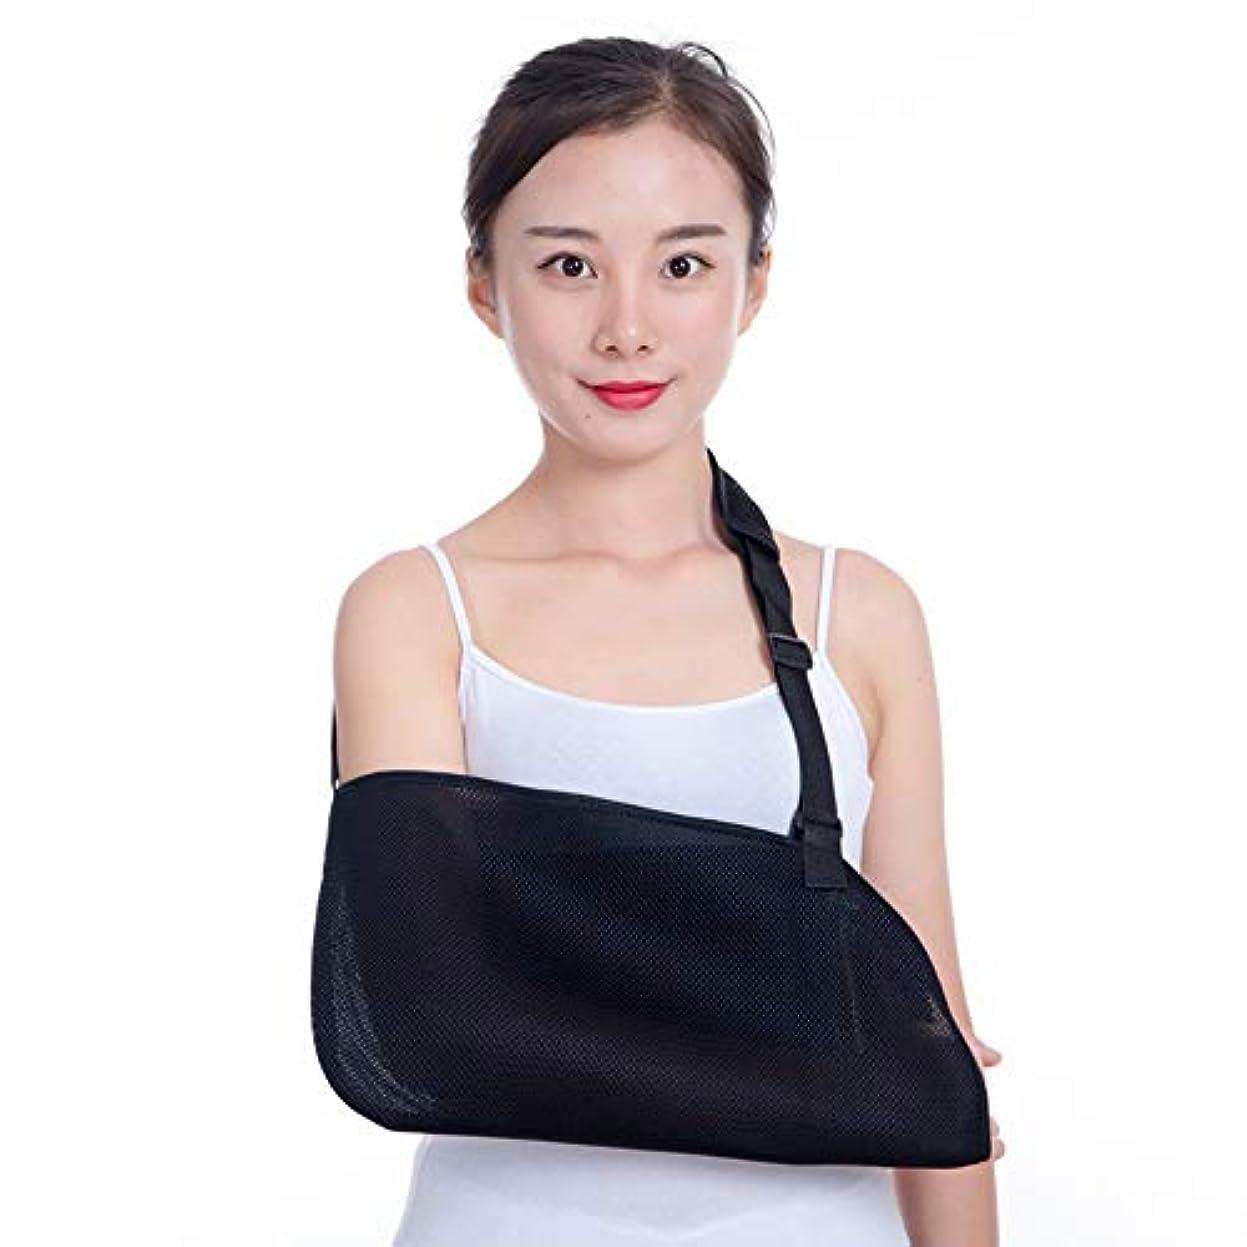 壊れた手首の肘固定用の成人用通気性メッシュ調節可能な前腕回旋腱板サポート軽量快適のためのアームスリングブレース,Black